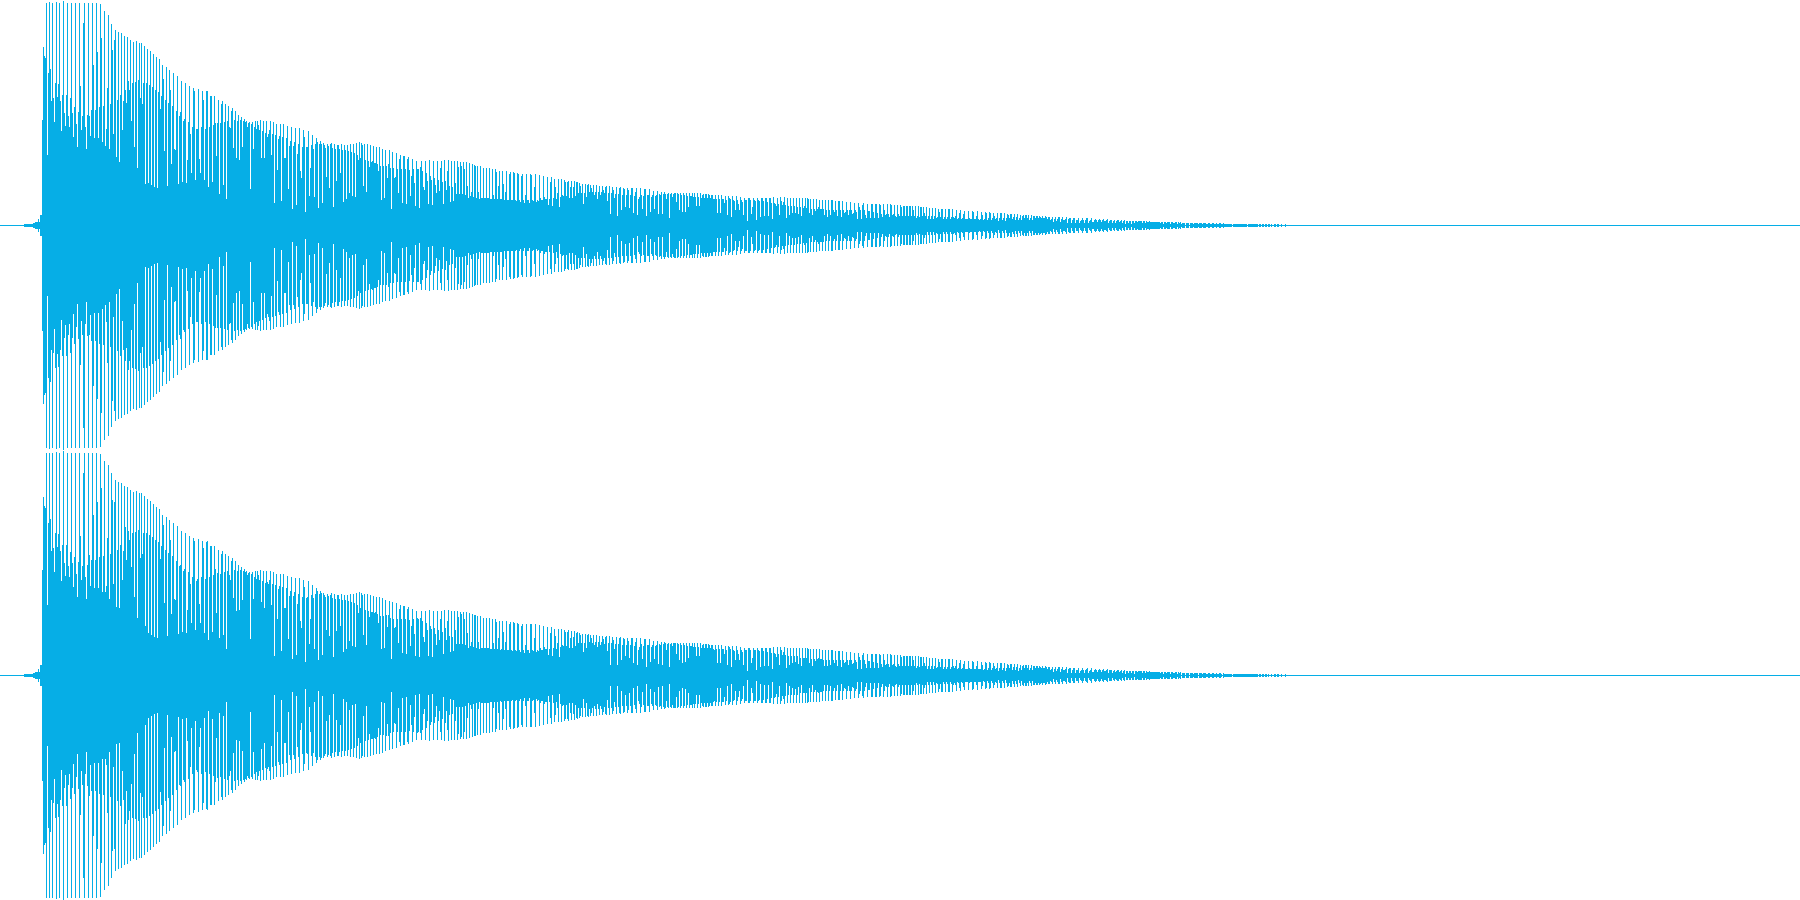 ビヨヨヨヨーン(バネ、お笑い、コメディ)の再生済みの波形